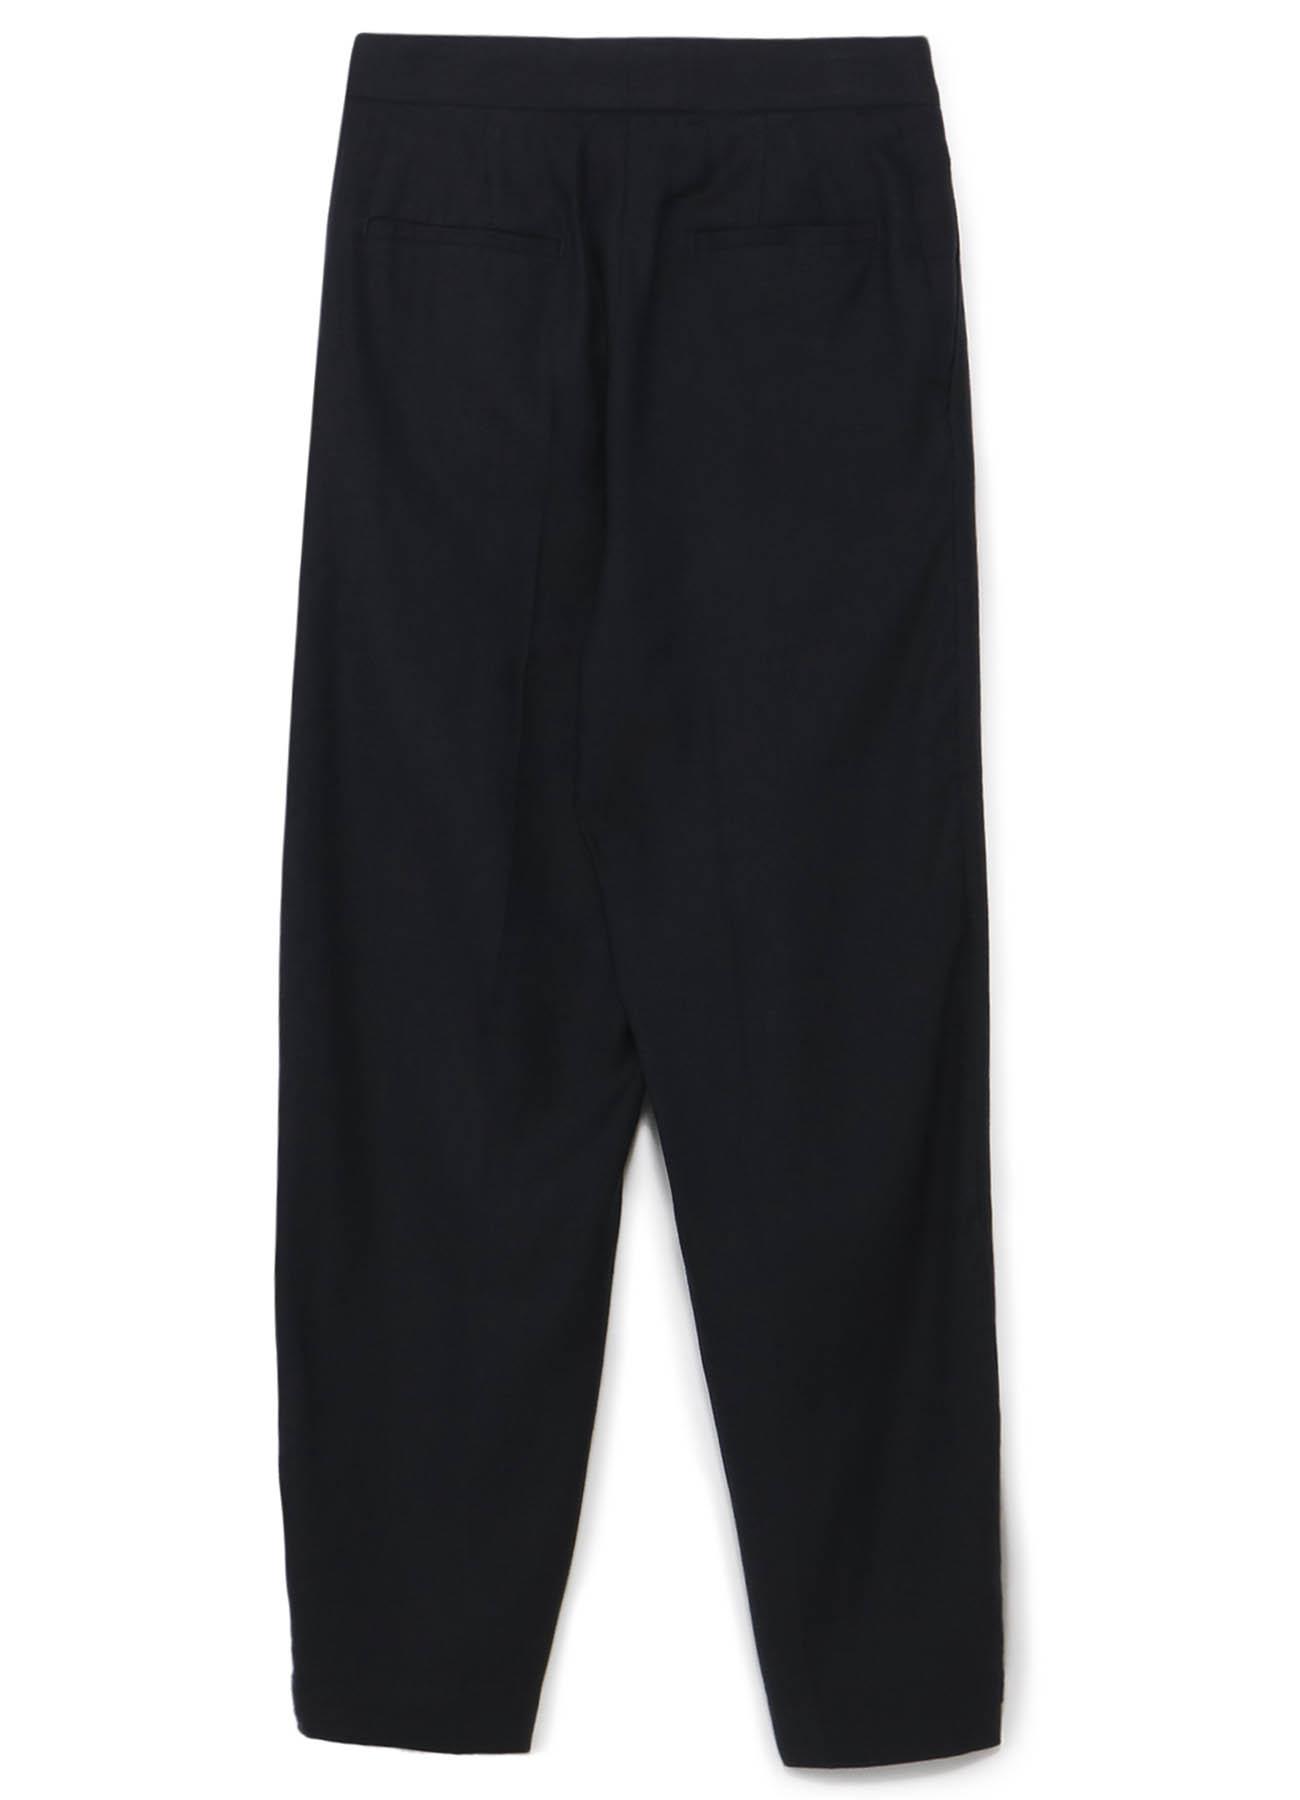 リネンキュプラツイル 裾細パンツ